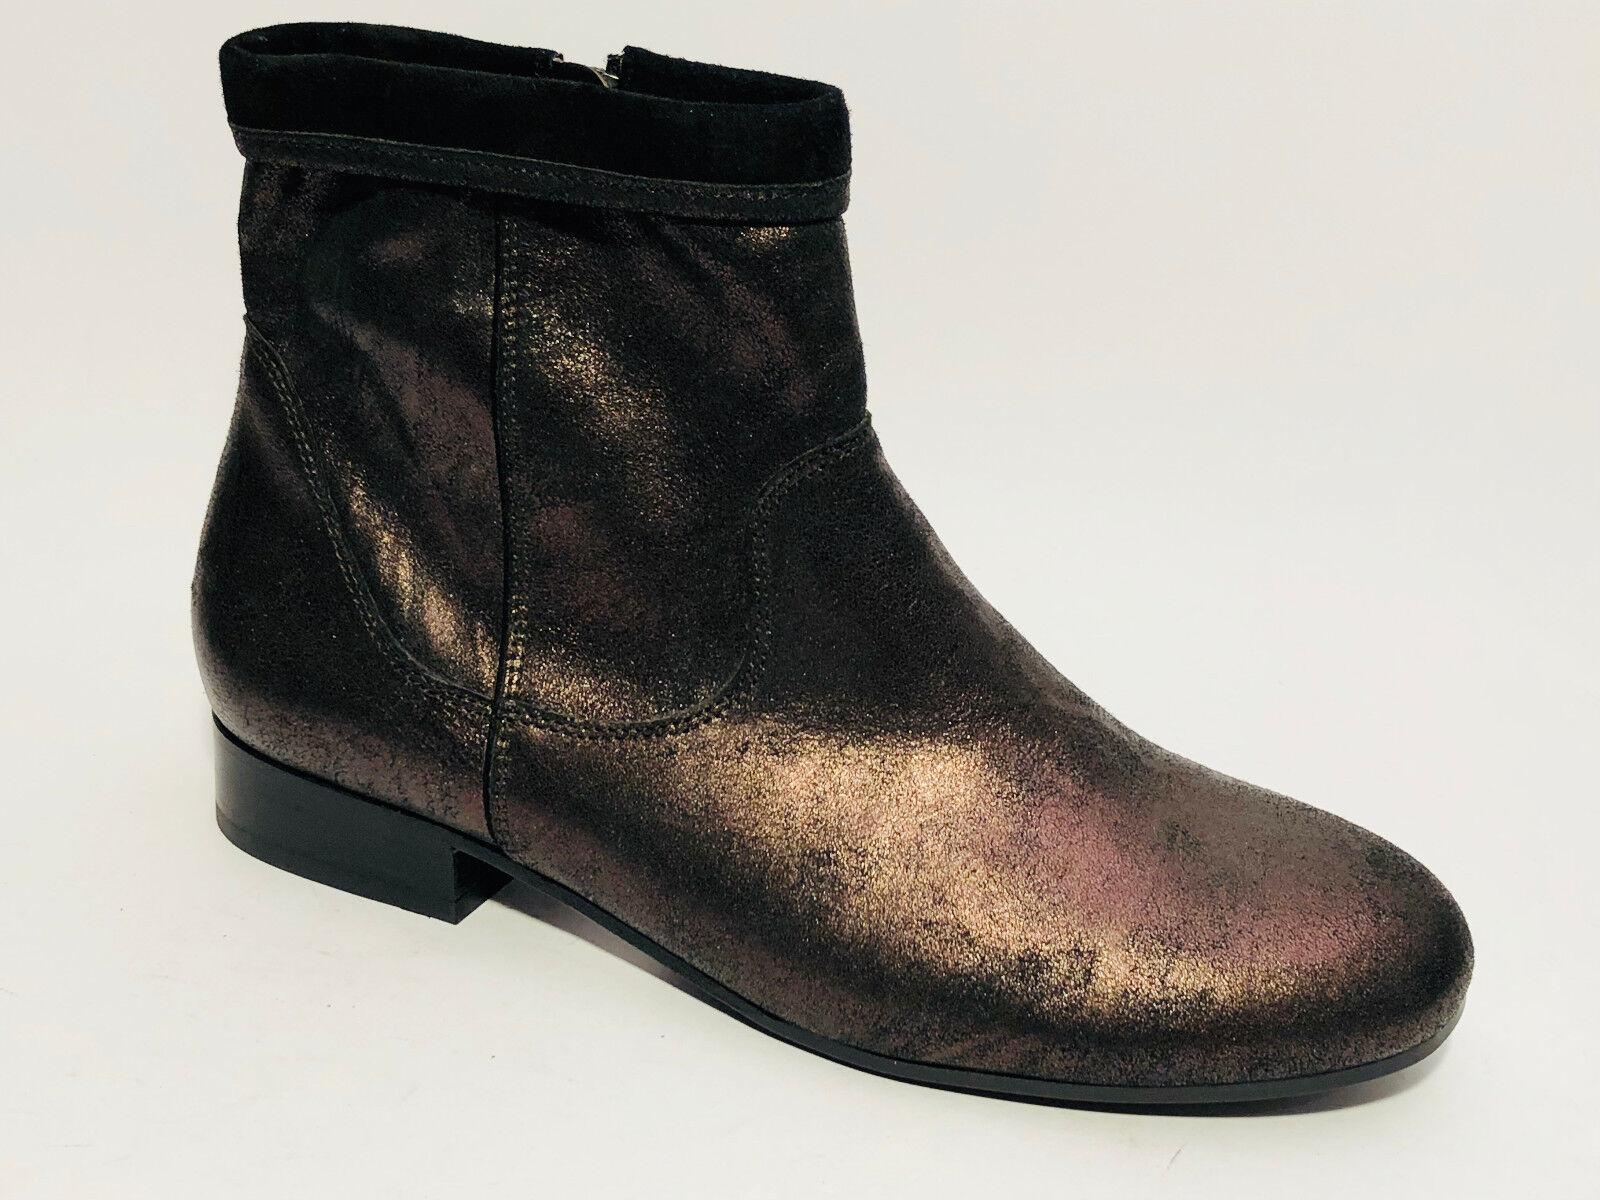 Schuhe Grün Metallic Paul Schwarz Bronze ) 5 (UK 38 Größe